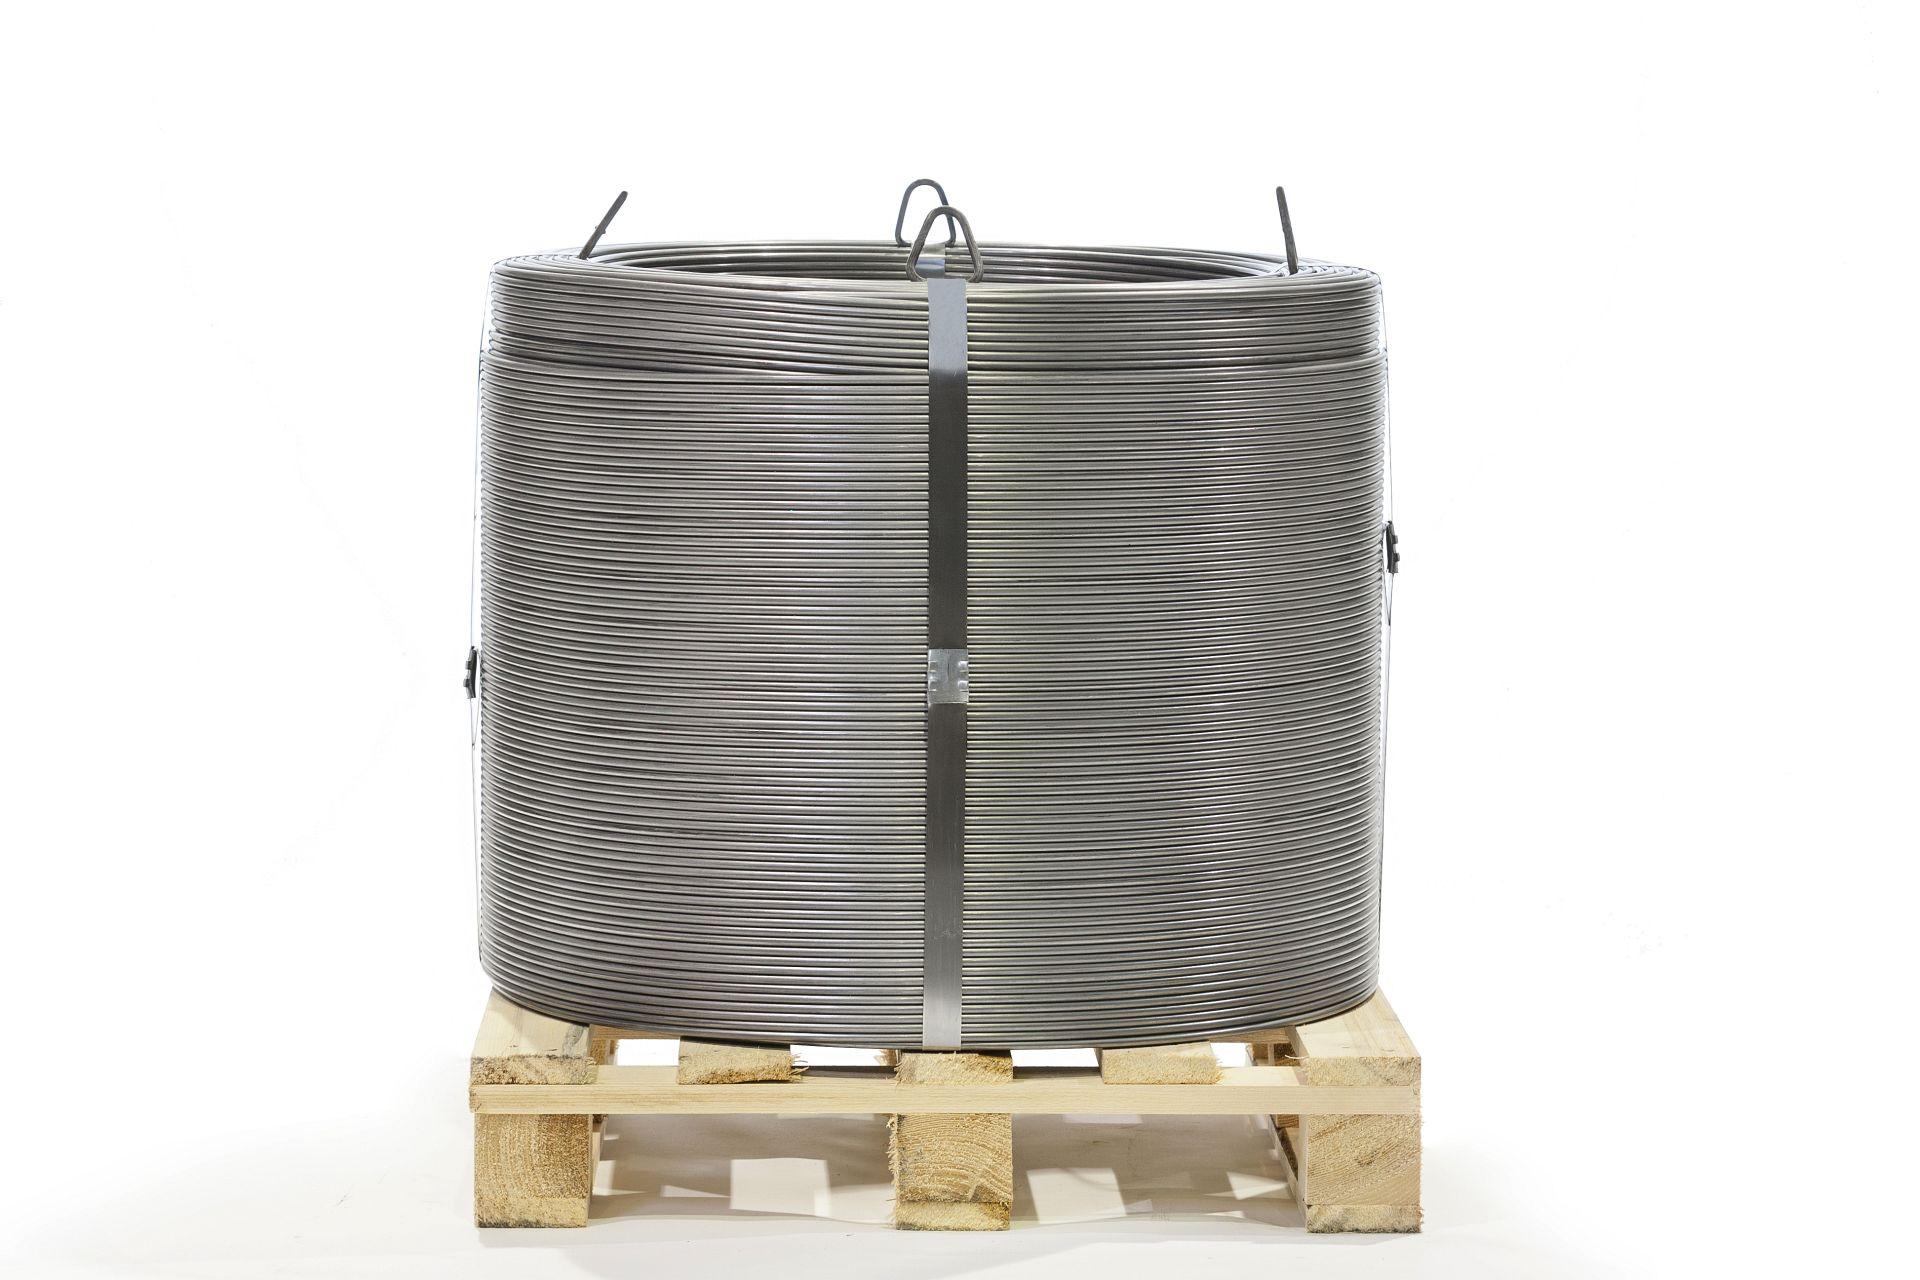 Tažené ocelové dráty tvrdé